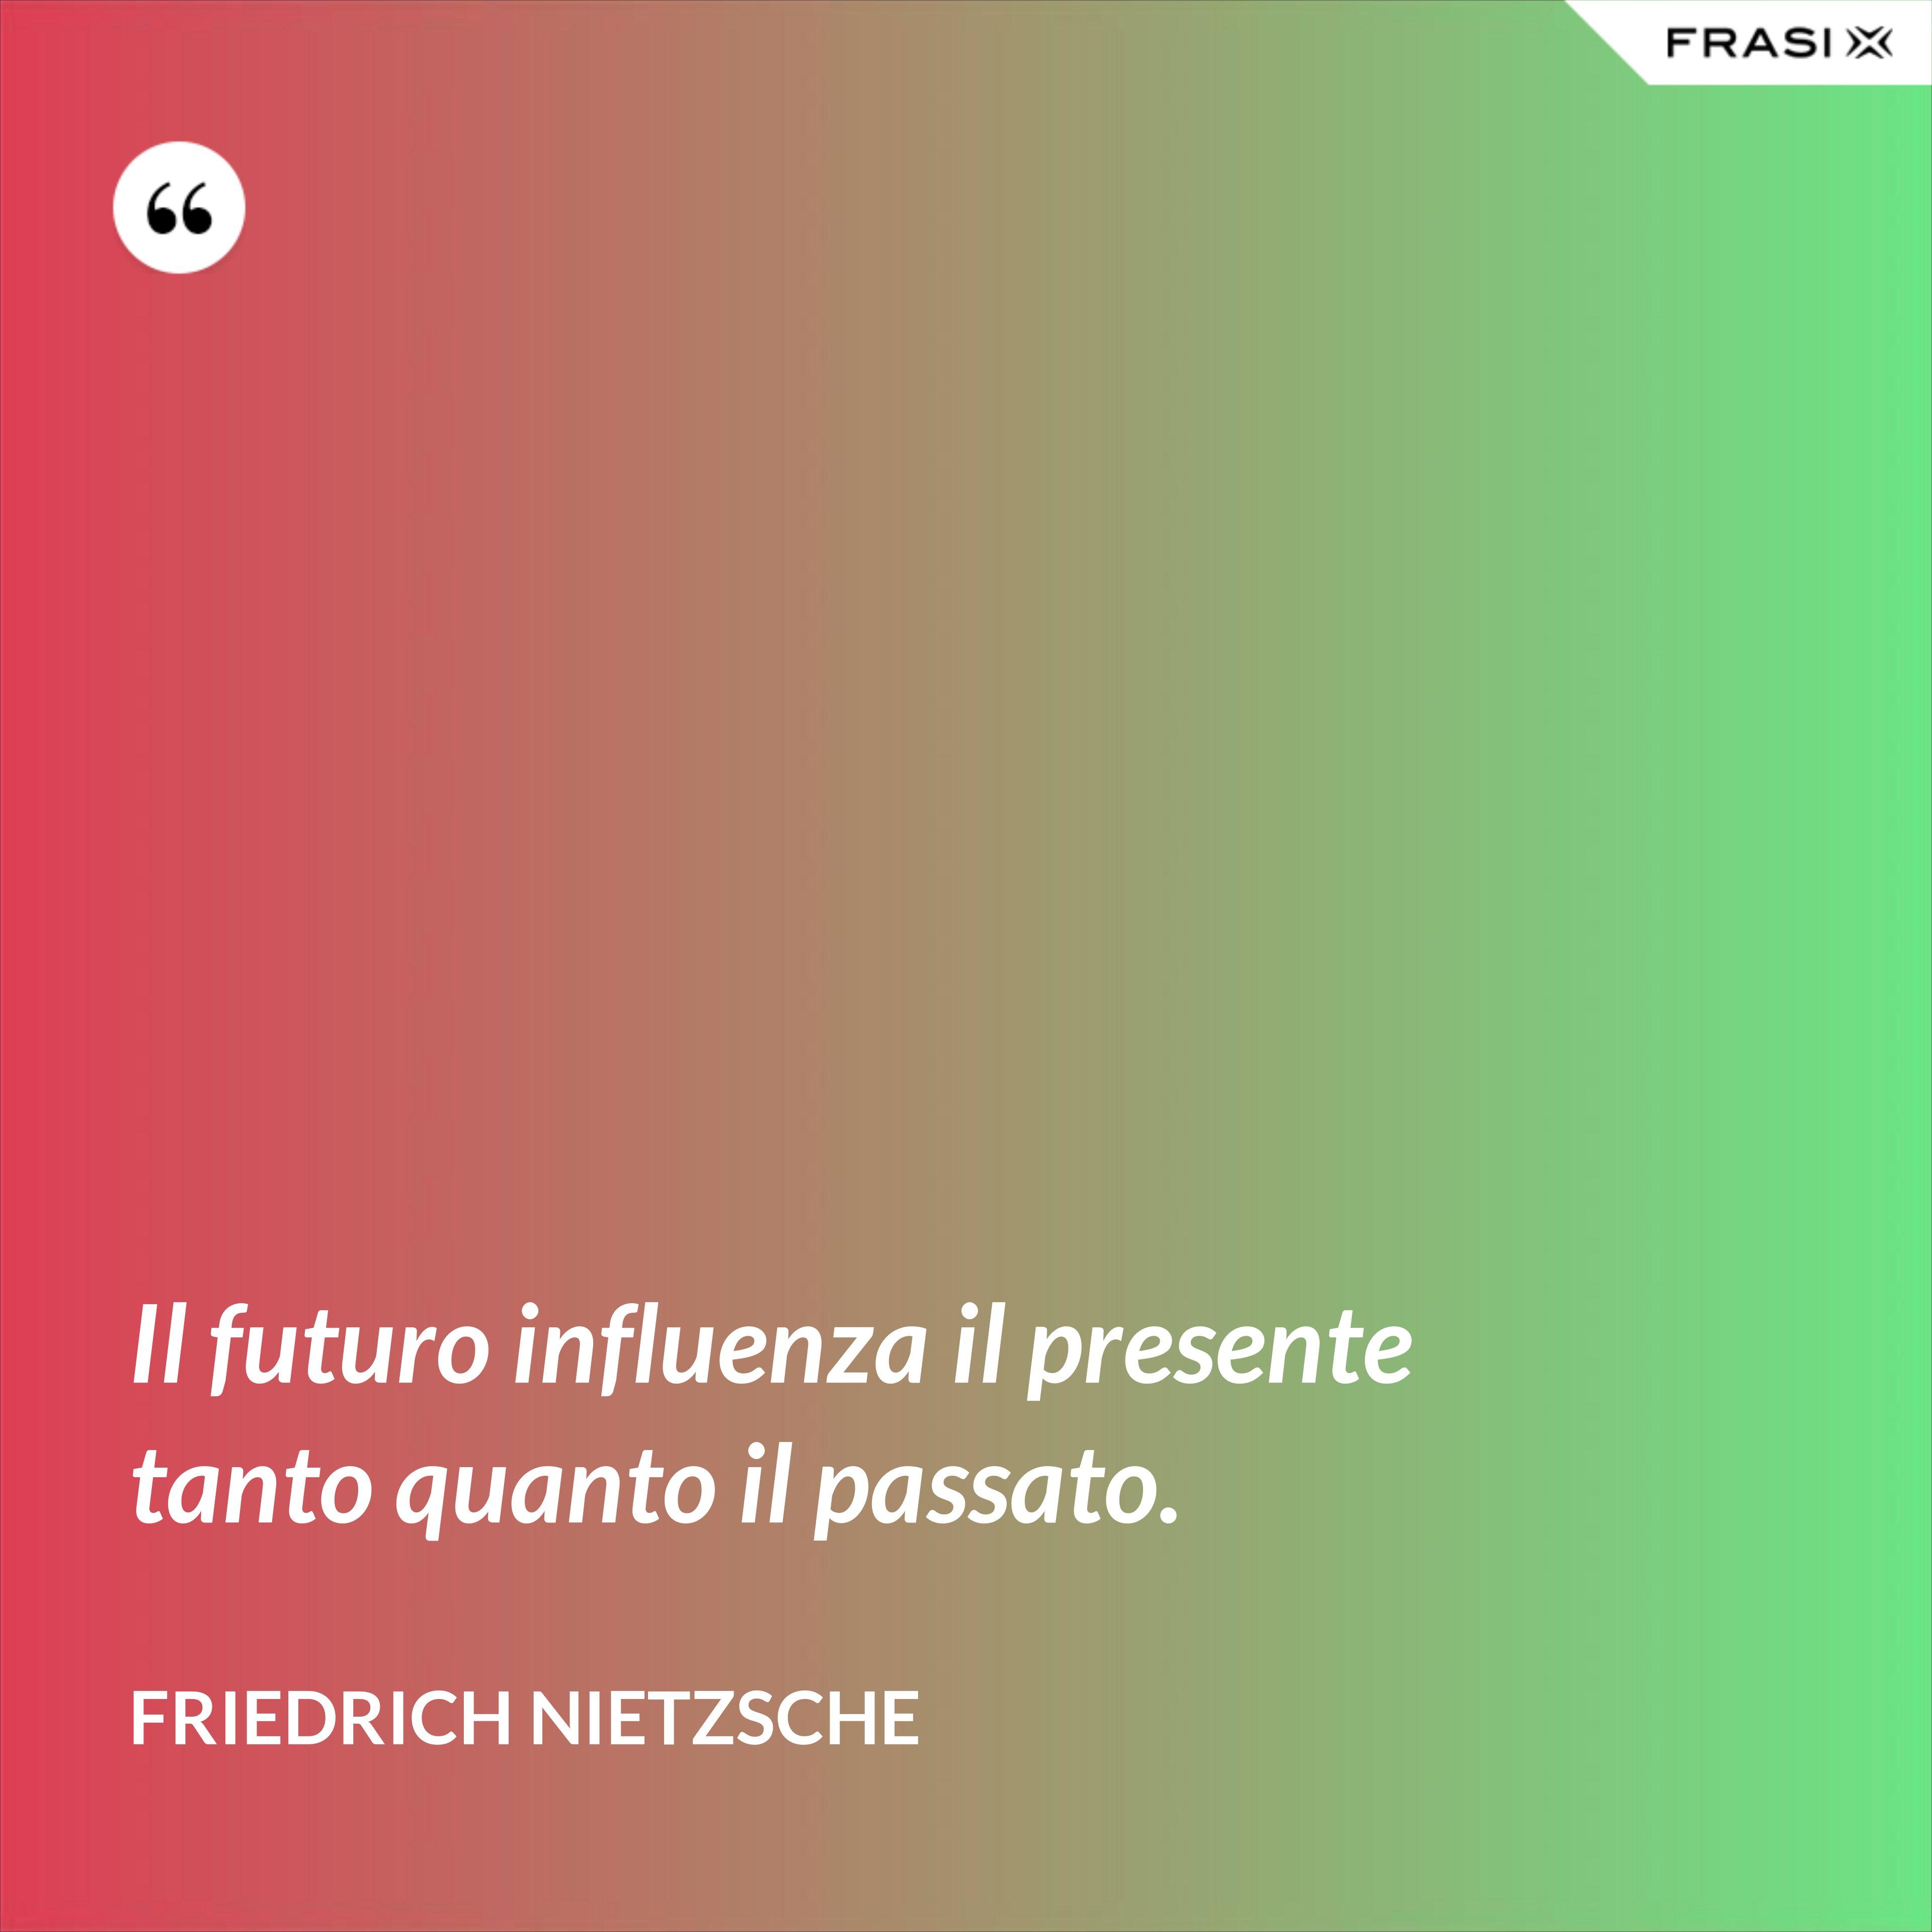 Il futuro influenza il presente tanto quanto il passato. - Friedrich Nietzsche